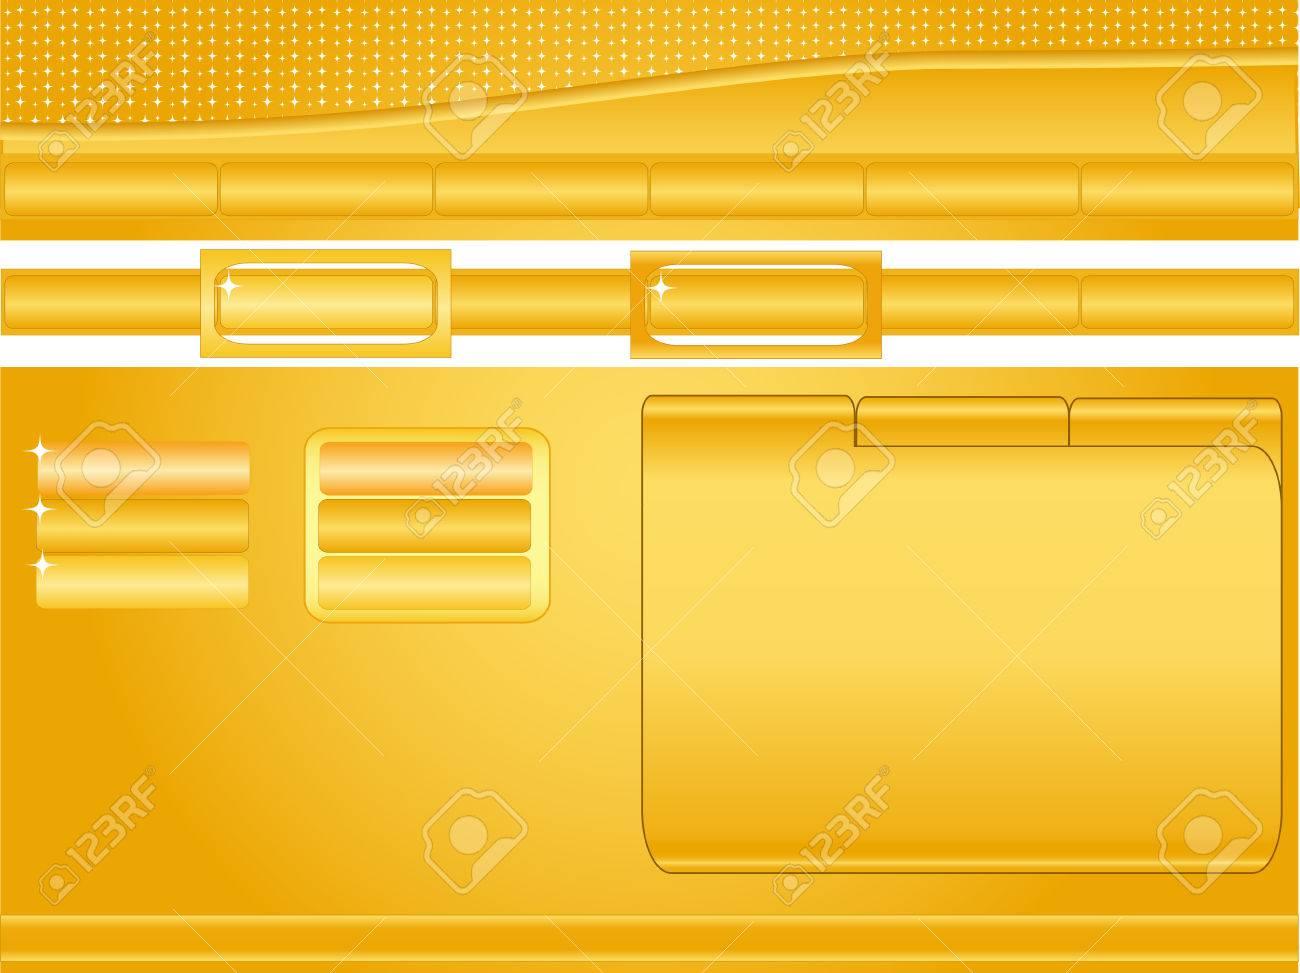 Orange Und Gelb, Glänzend Website-Vorlage Mit Buttons, Header ...